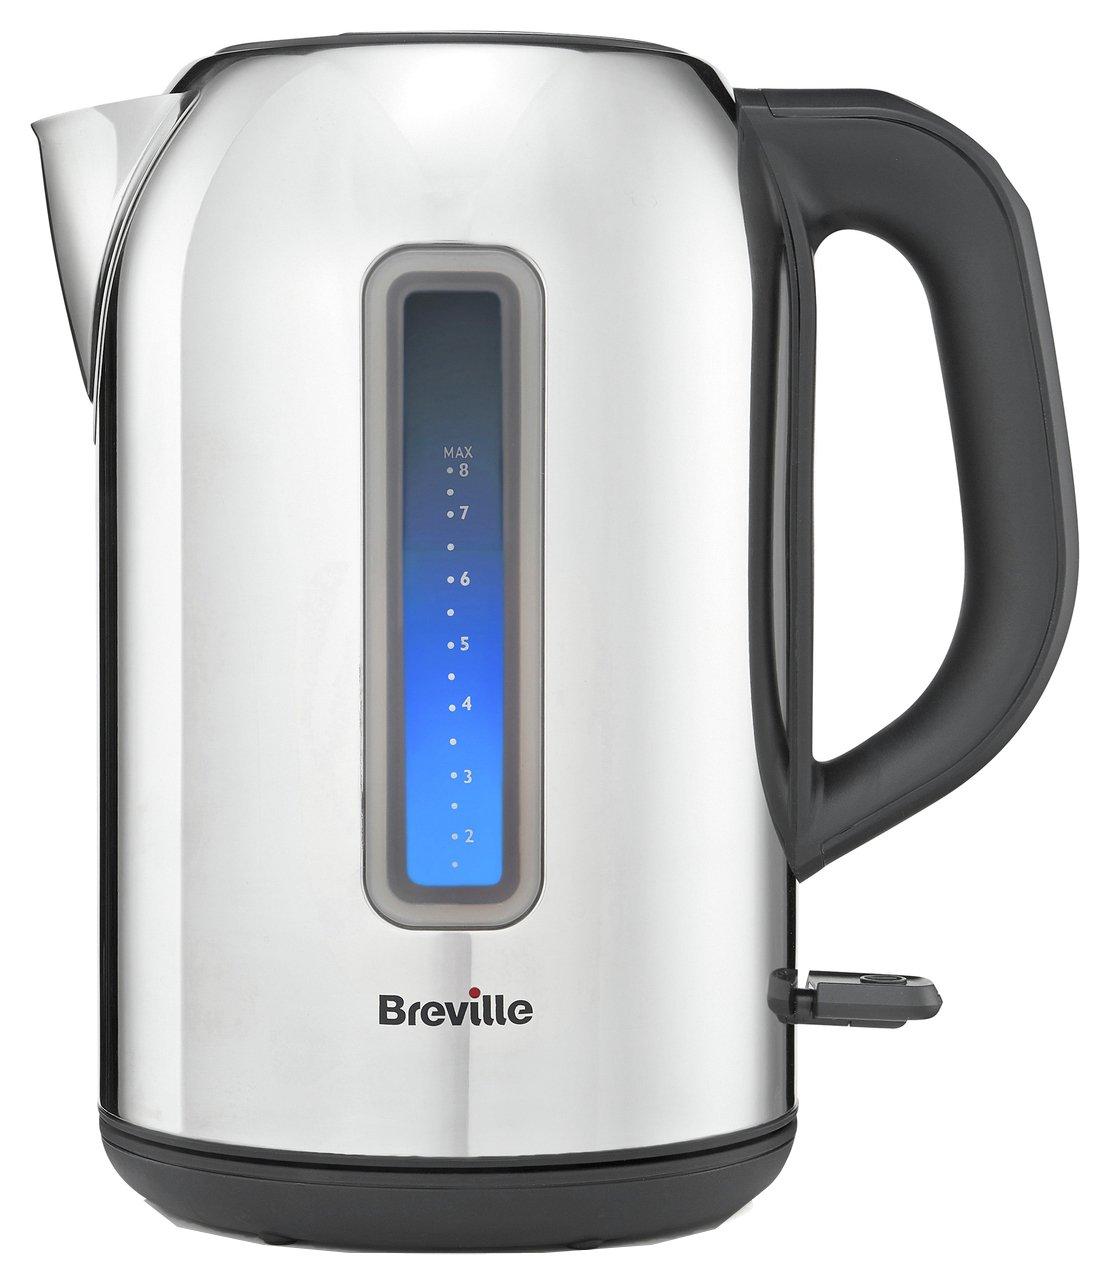 Breville - Kettle - Stainless Steel Illuminated Jug